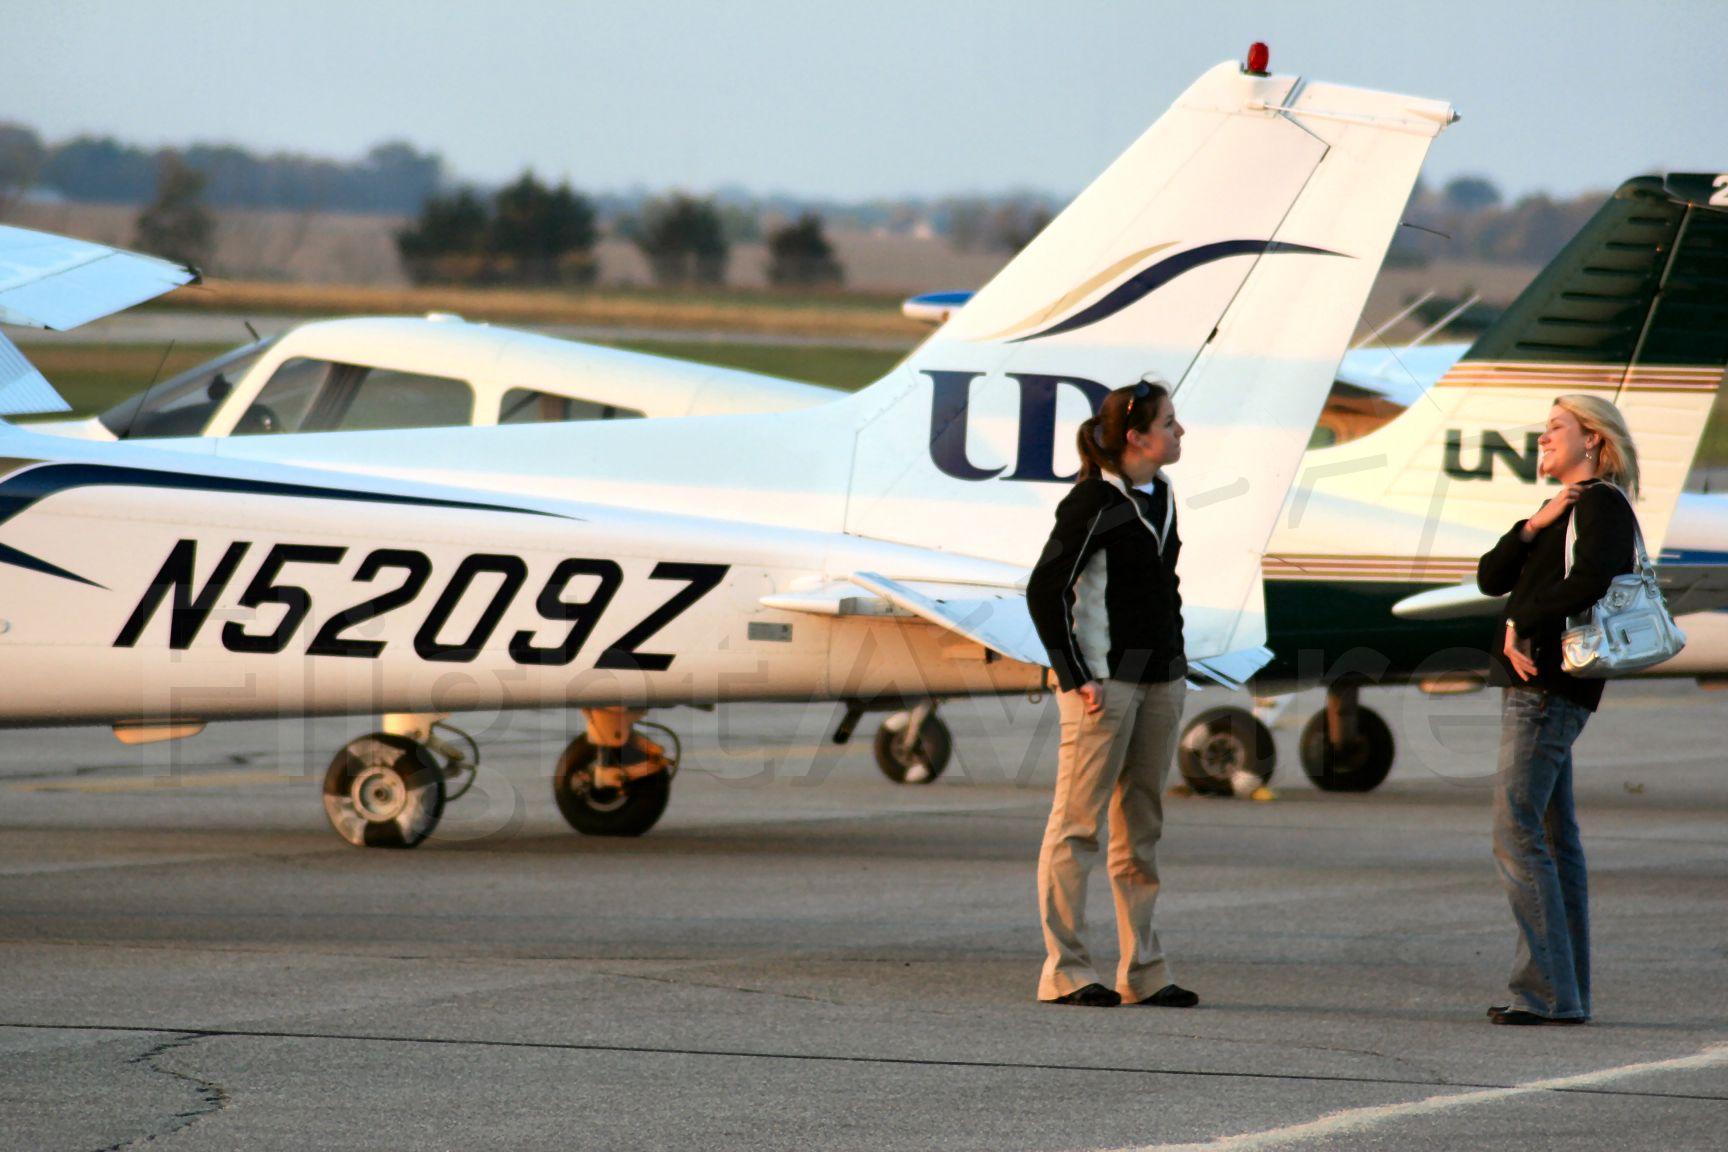 Cessna Skyhawk (N5209Z)